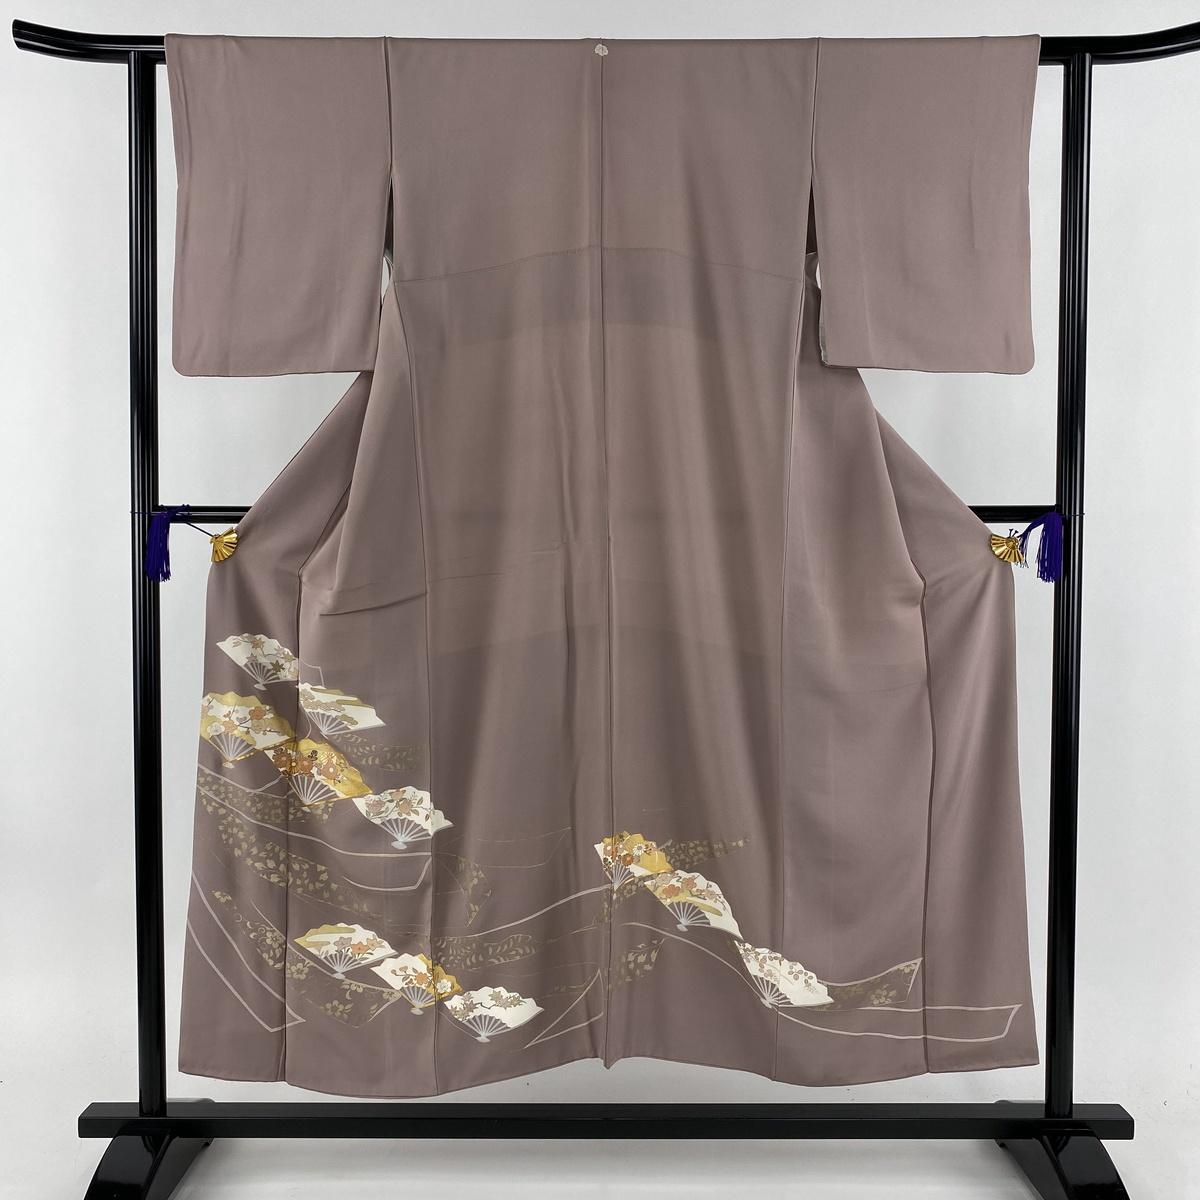 色留袖 美品 名品 一つ紋 扇 草花 金糸 薄紫 袷 身丈151cm 裄丈61cm S 正絹 【中古】